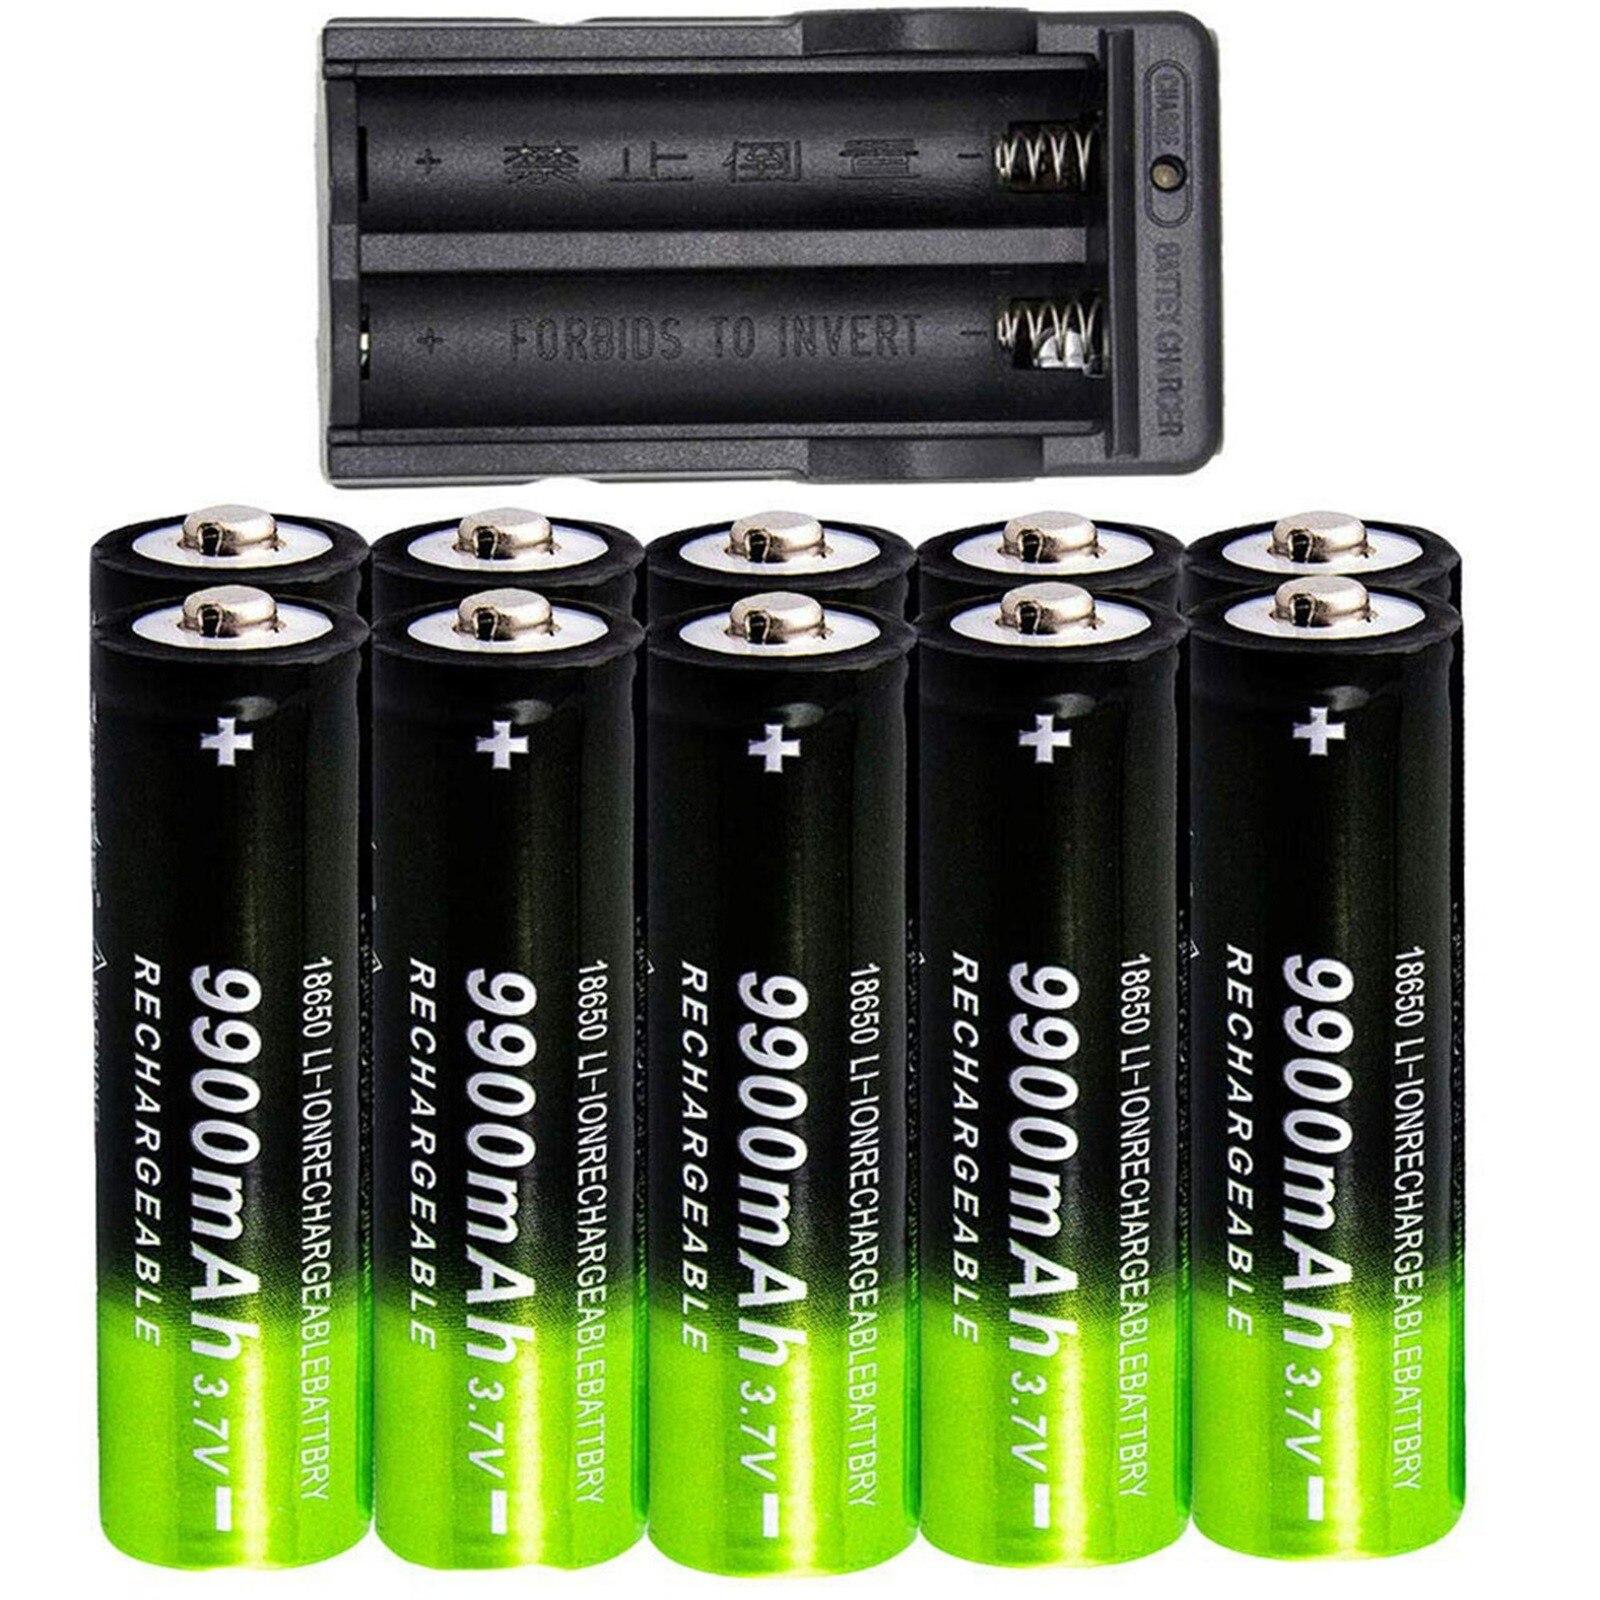 18650 3.7v 9900mah akumulator litowo-jonowy 10 szt. Akumulator + przewodowy Usb ładowarka do latarki czołowej Led #3